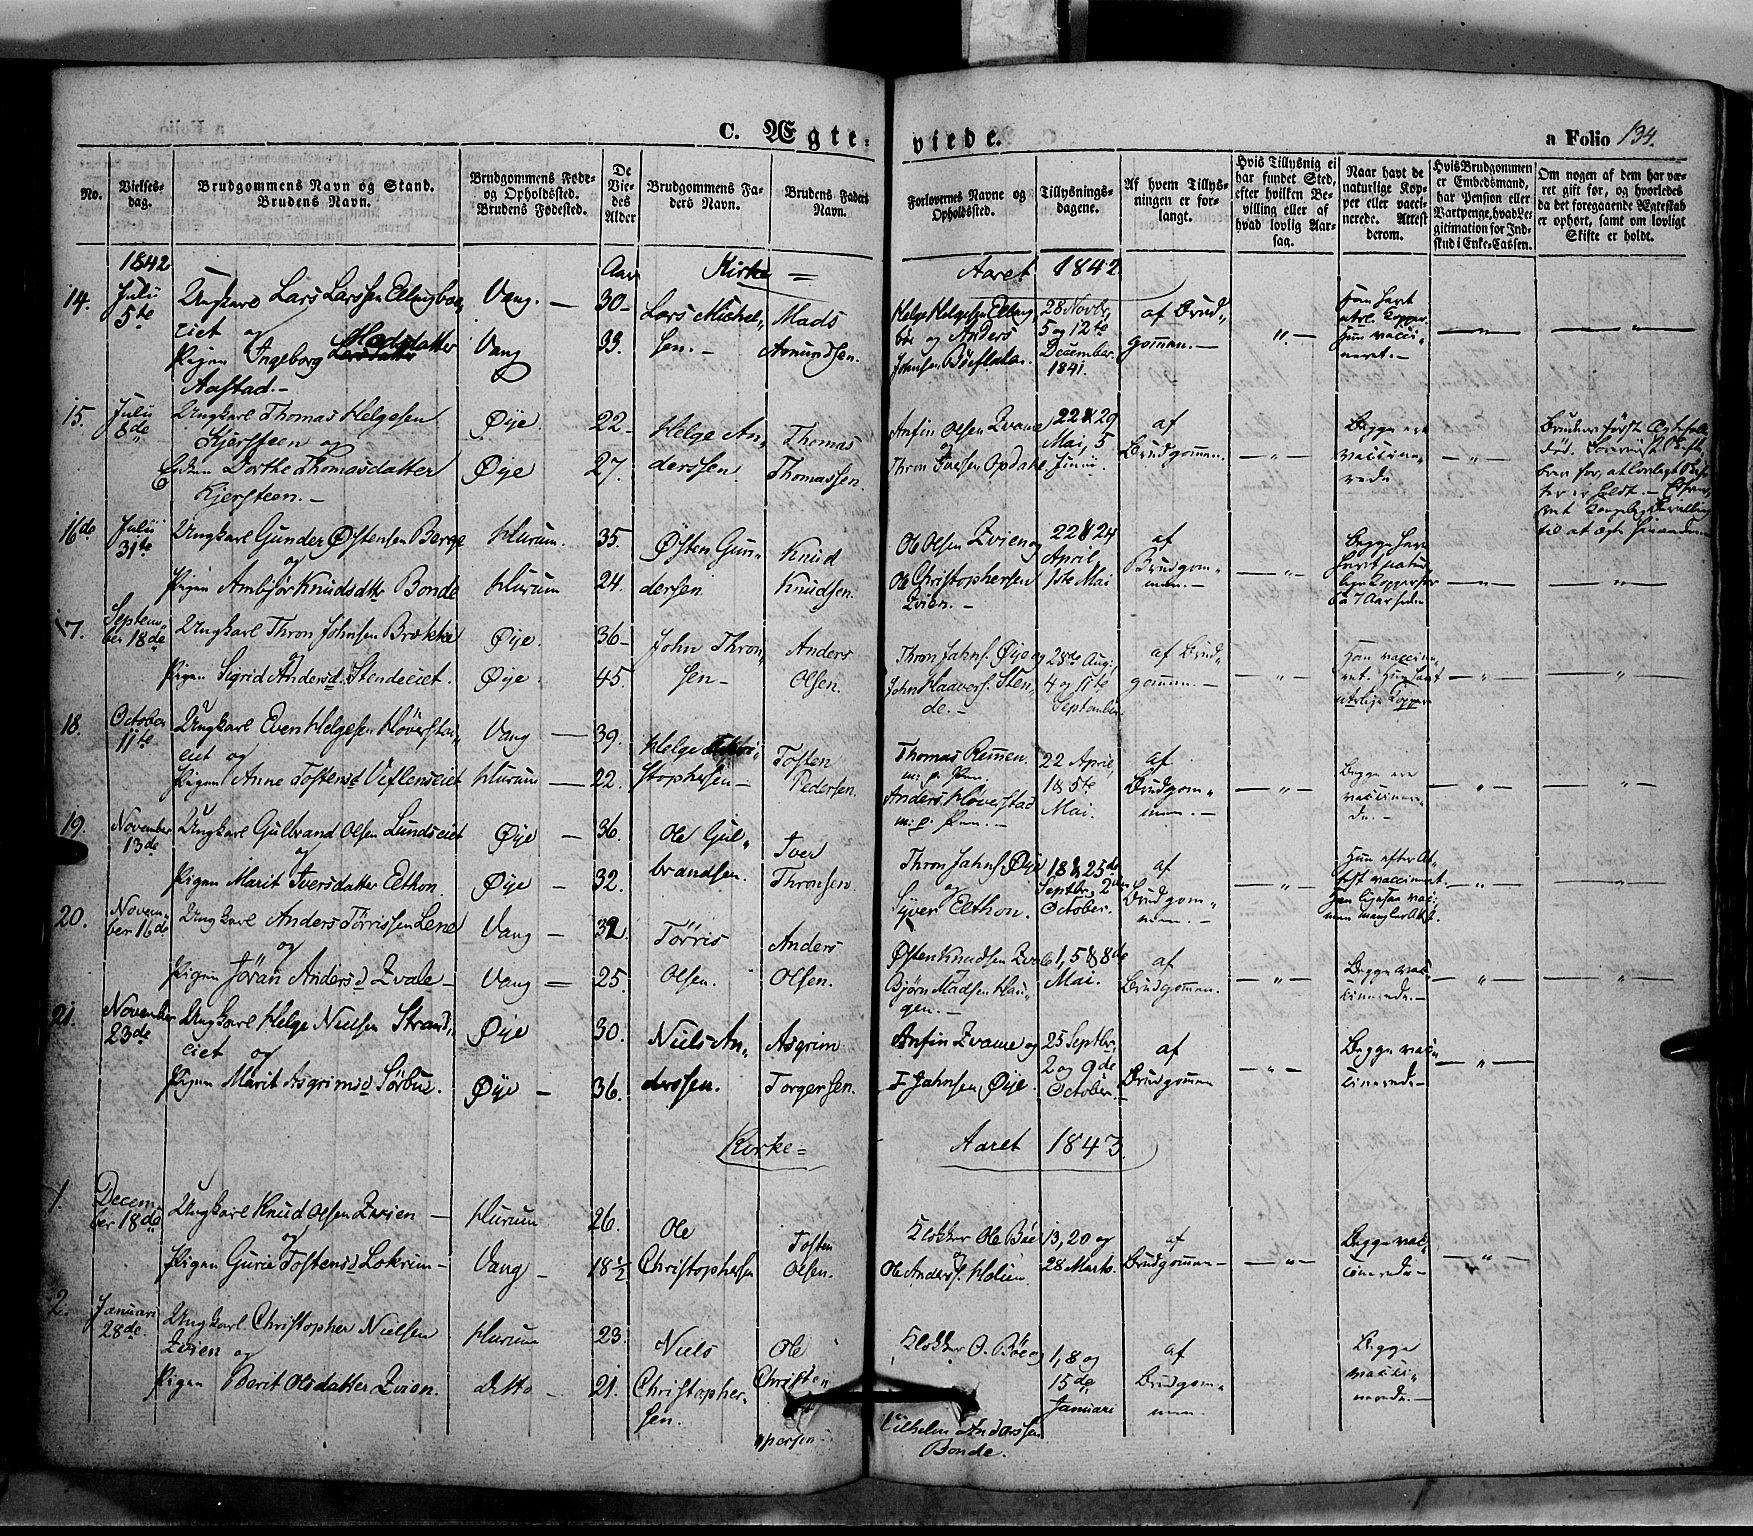 SAH, Vang prestekontor, Valdres, Ministerialbok nr. 5, 1831-1845, s. 134